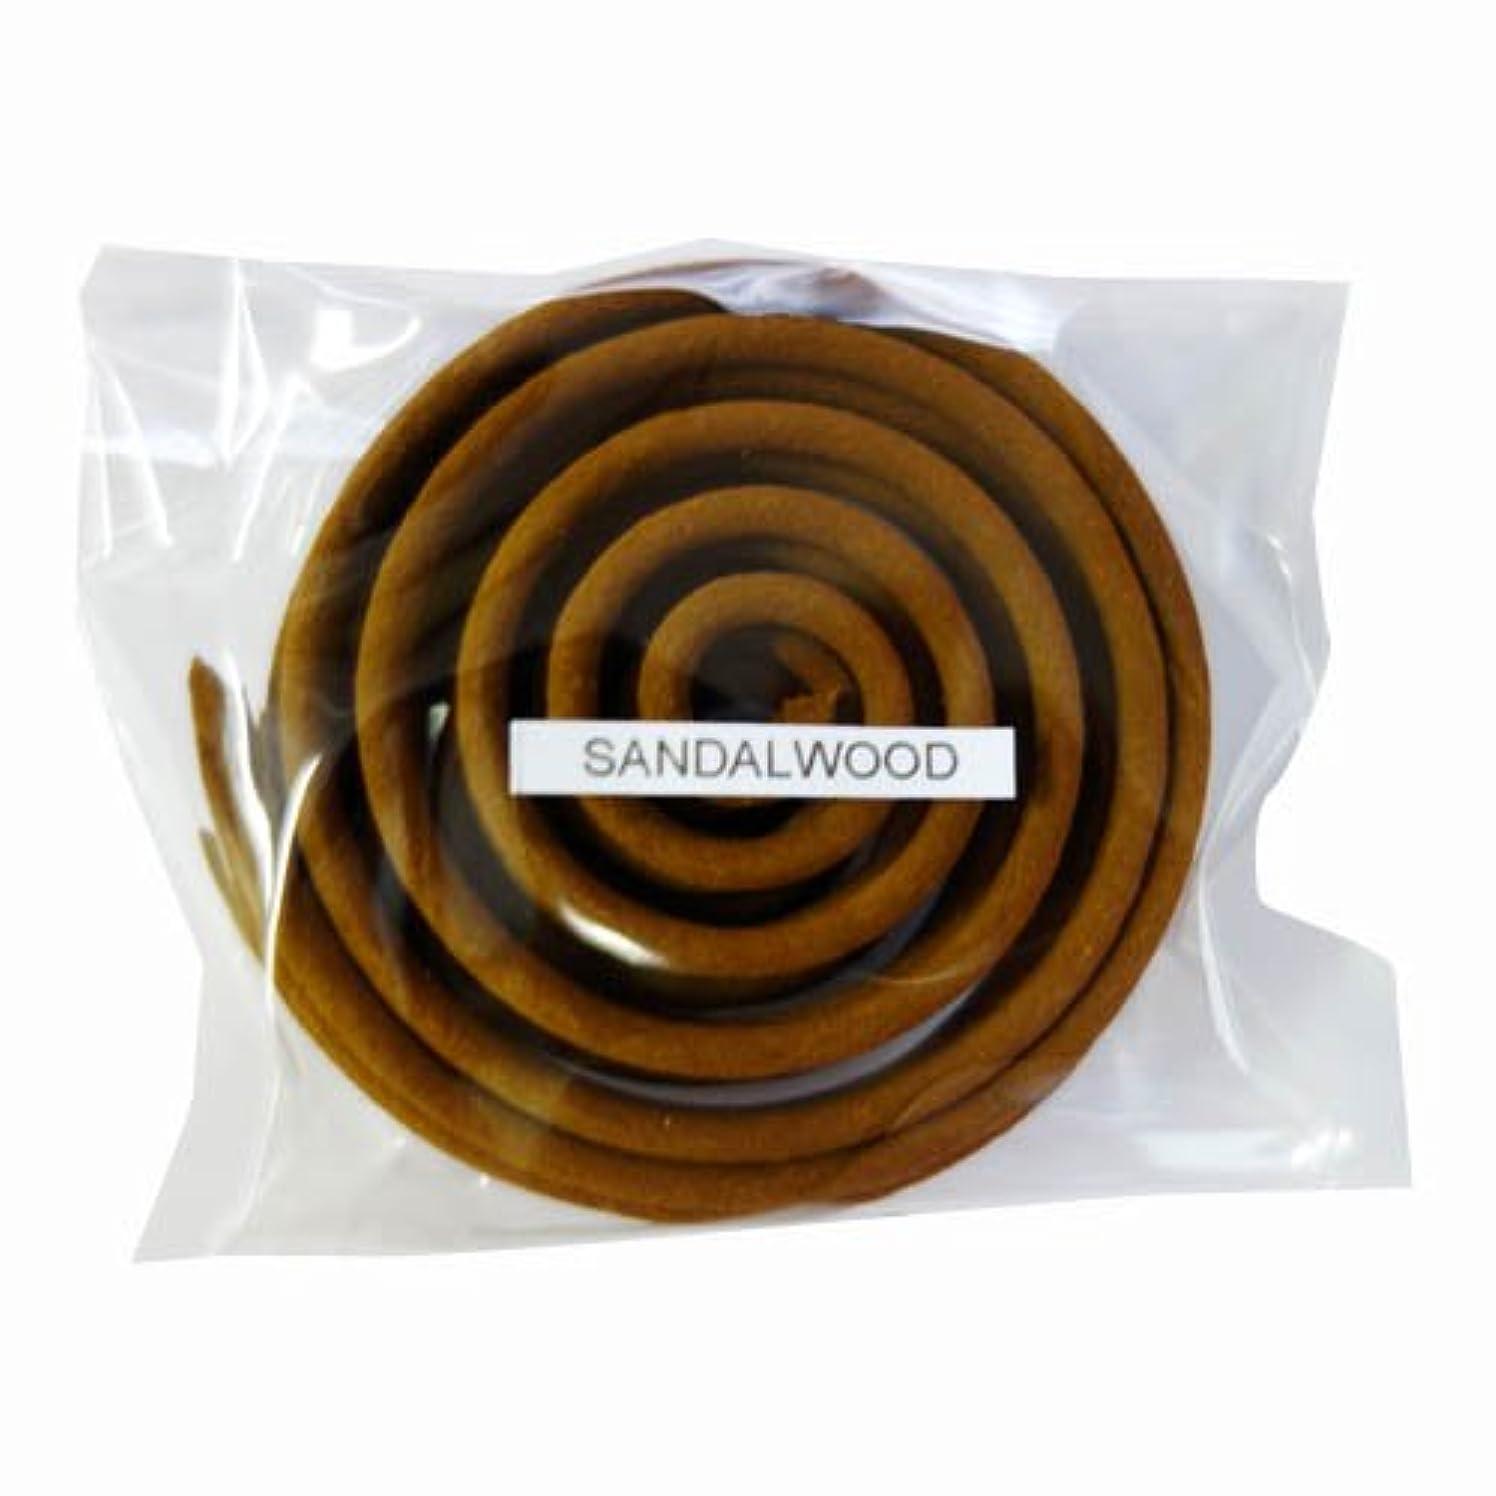 化学者アンソロジー列挙するお香/うずまき香 SANDALWOOD サンダルウッド 直径6.5cm×5巻セット [並行輸入品]